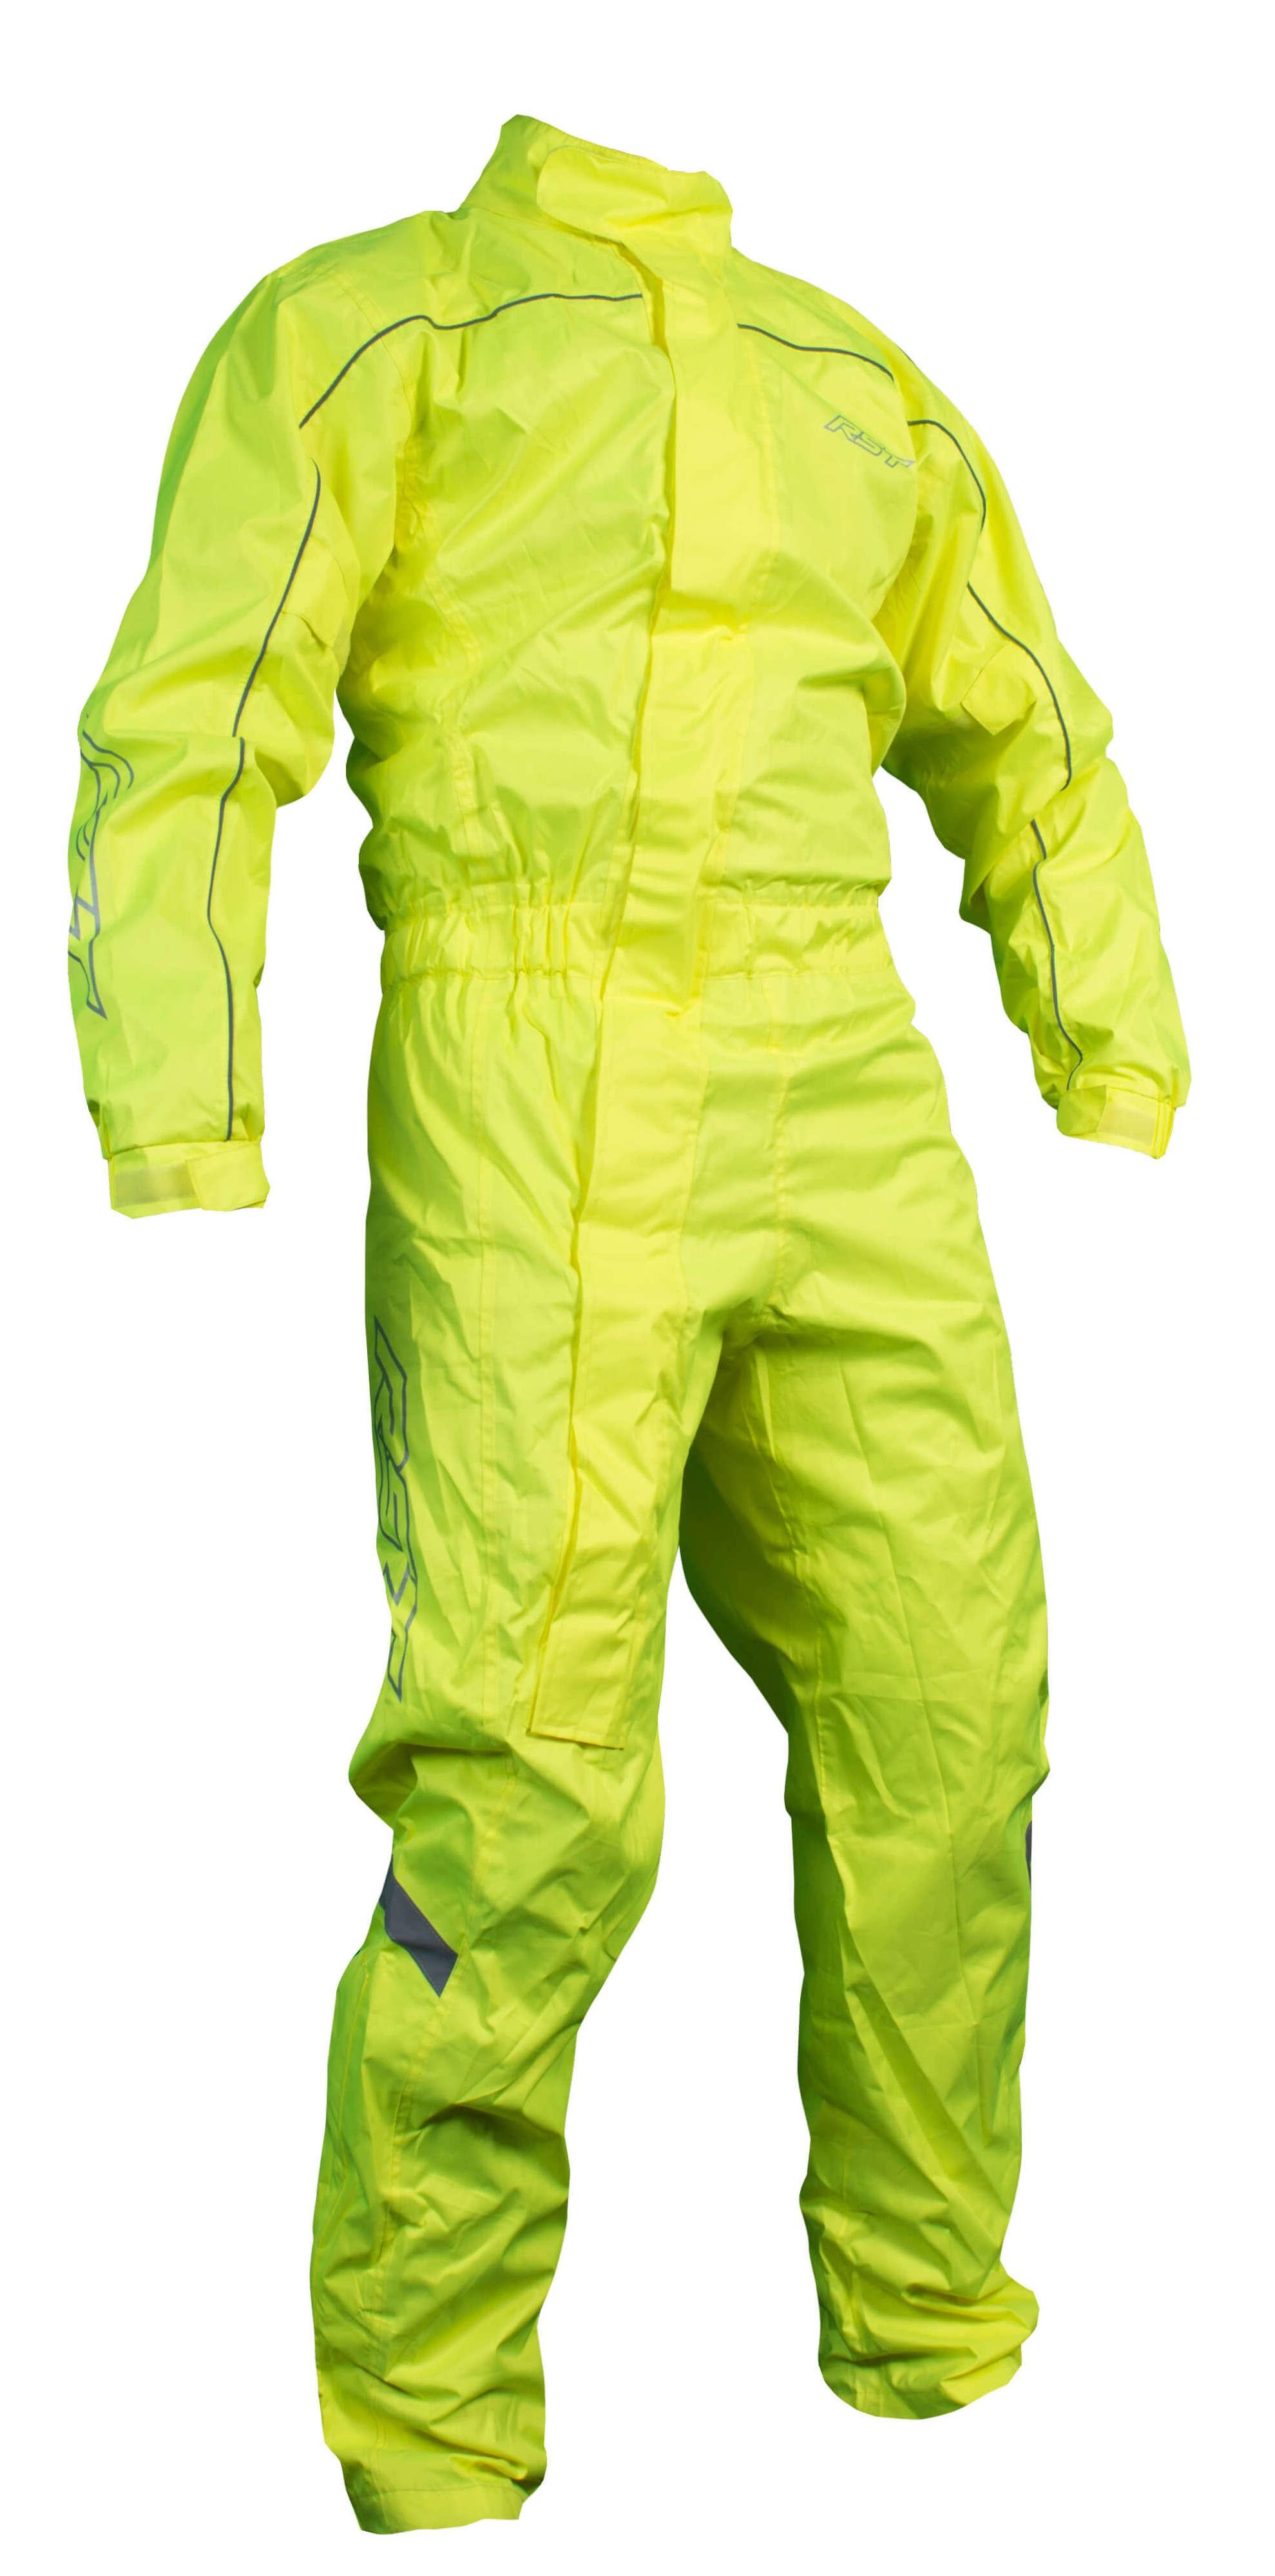 RST Waterproof One Piece Motorcycle Suit (Hi-Viz)